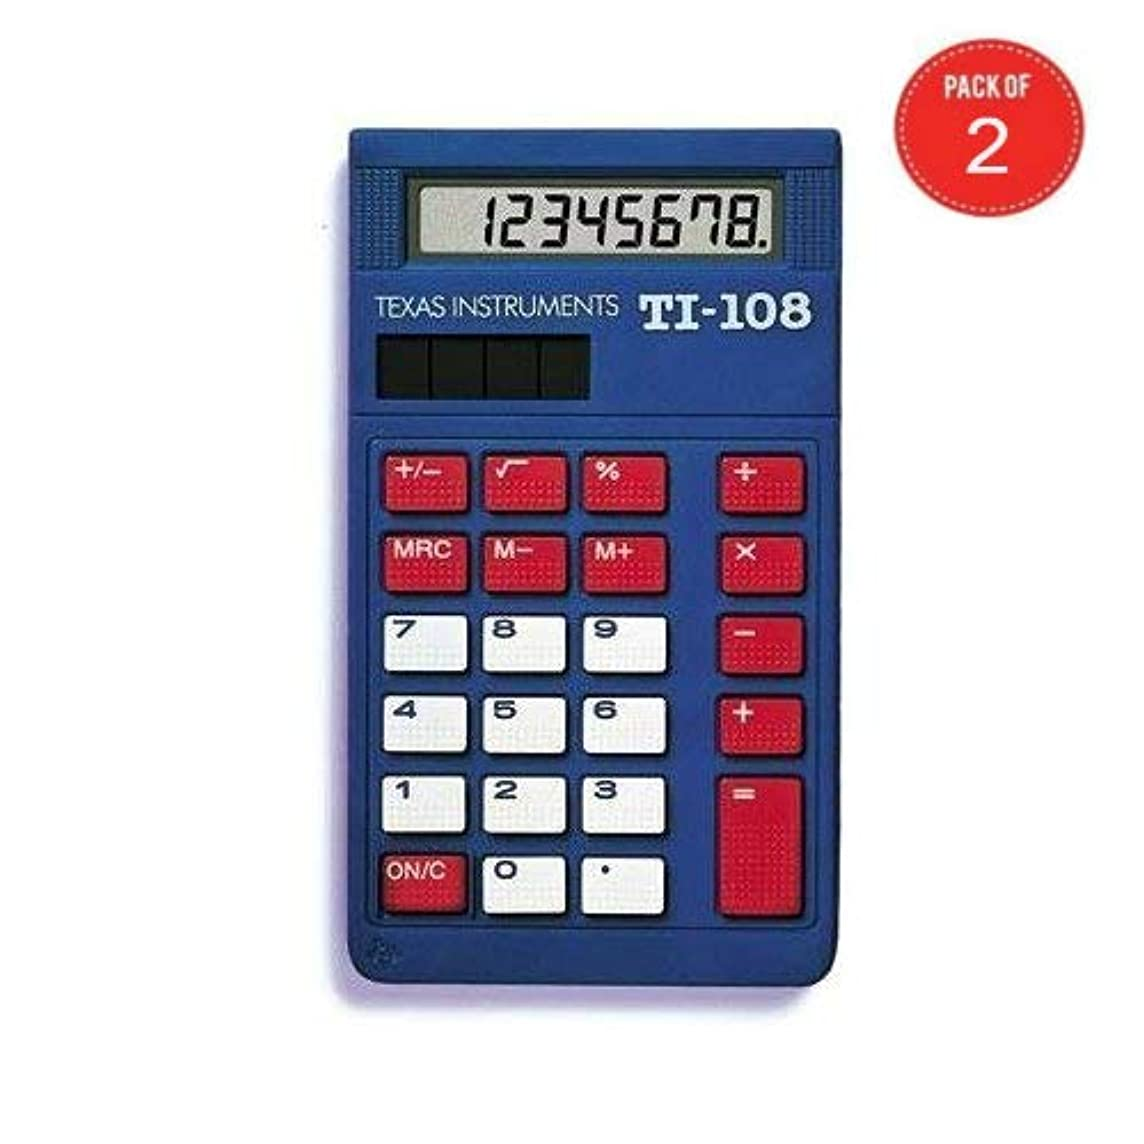 欲しいです返還受信機Texas Instruments TI-108 ソーラーパワー電卓/教師キット (2個入りパック)